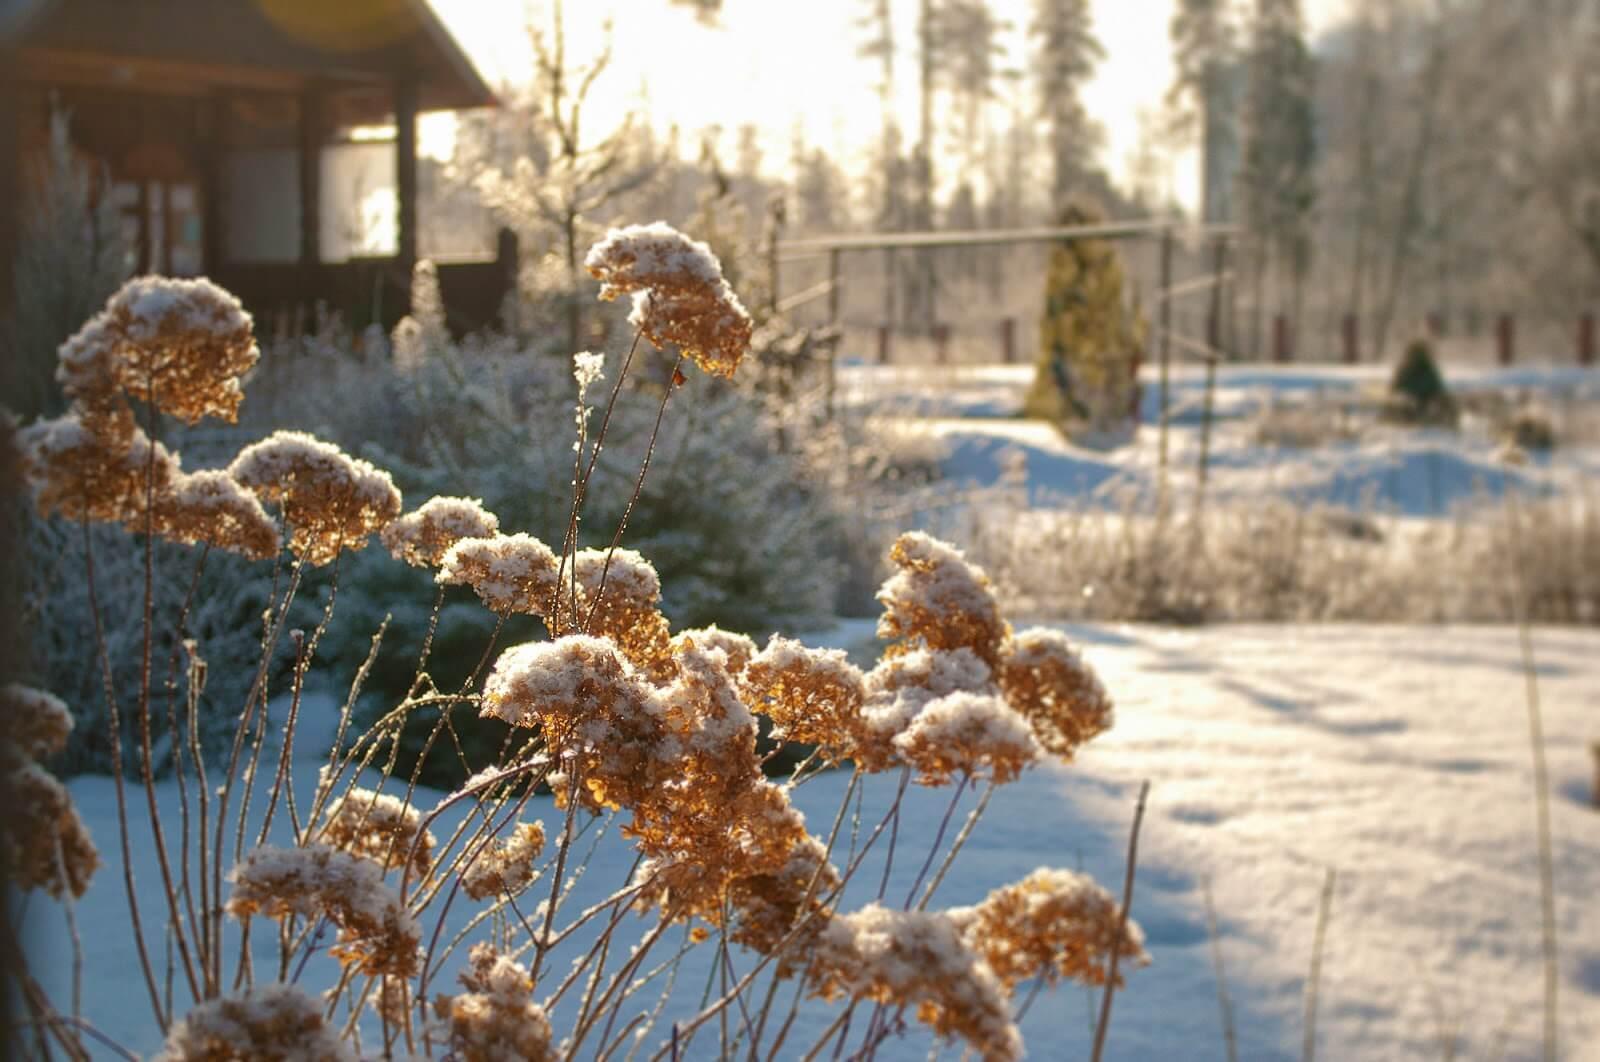 Зимнее настроение - фото и картинки красивые, приятные 9